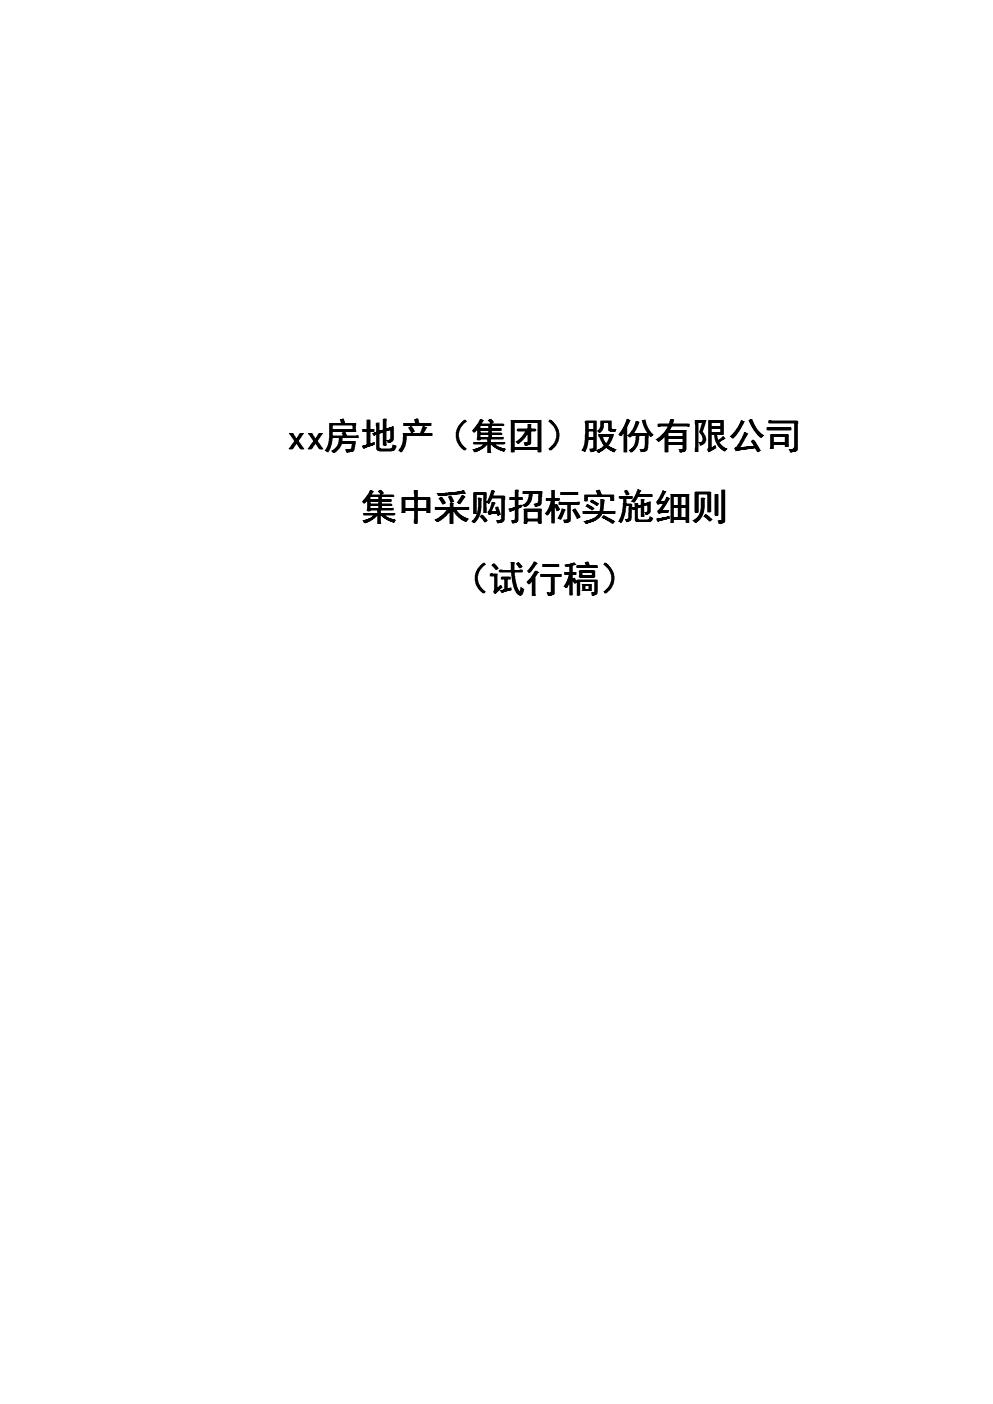 房地产公司集中采购招标实施细则(试行稿).doc